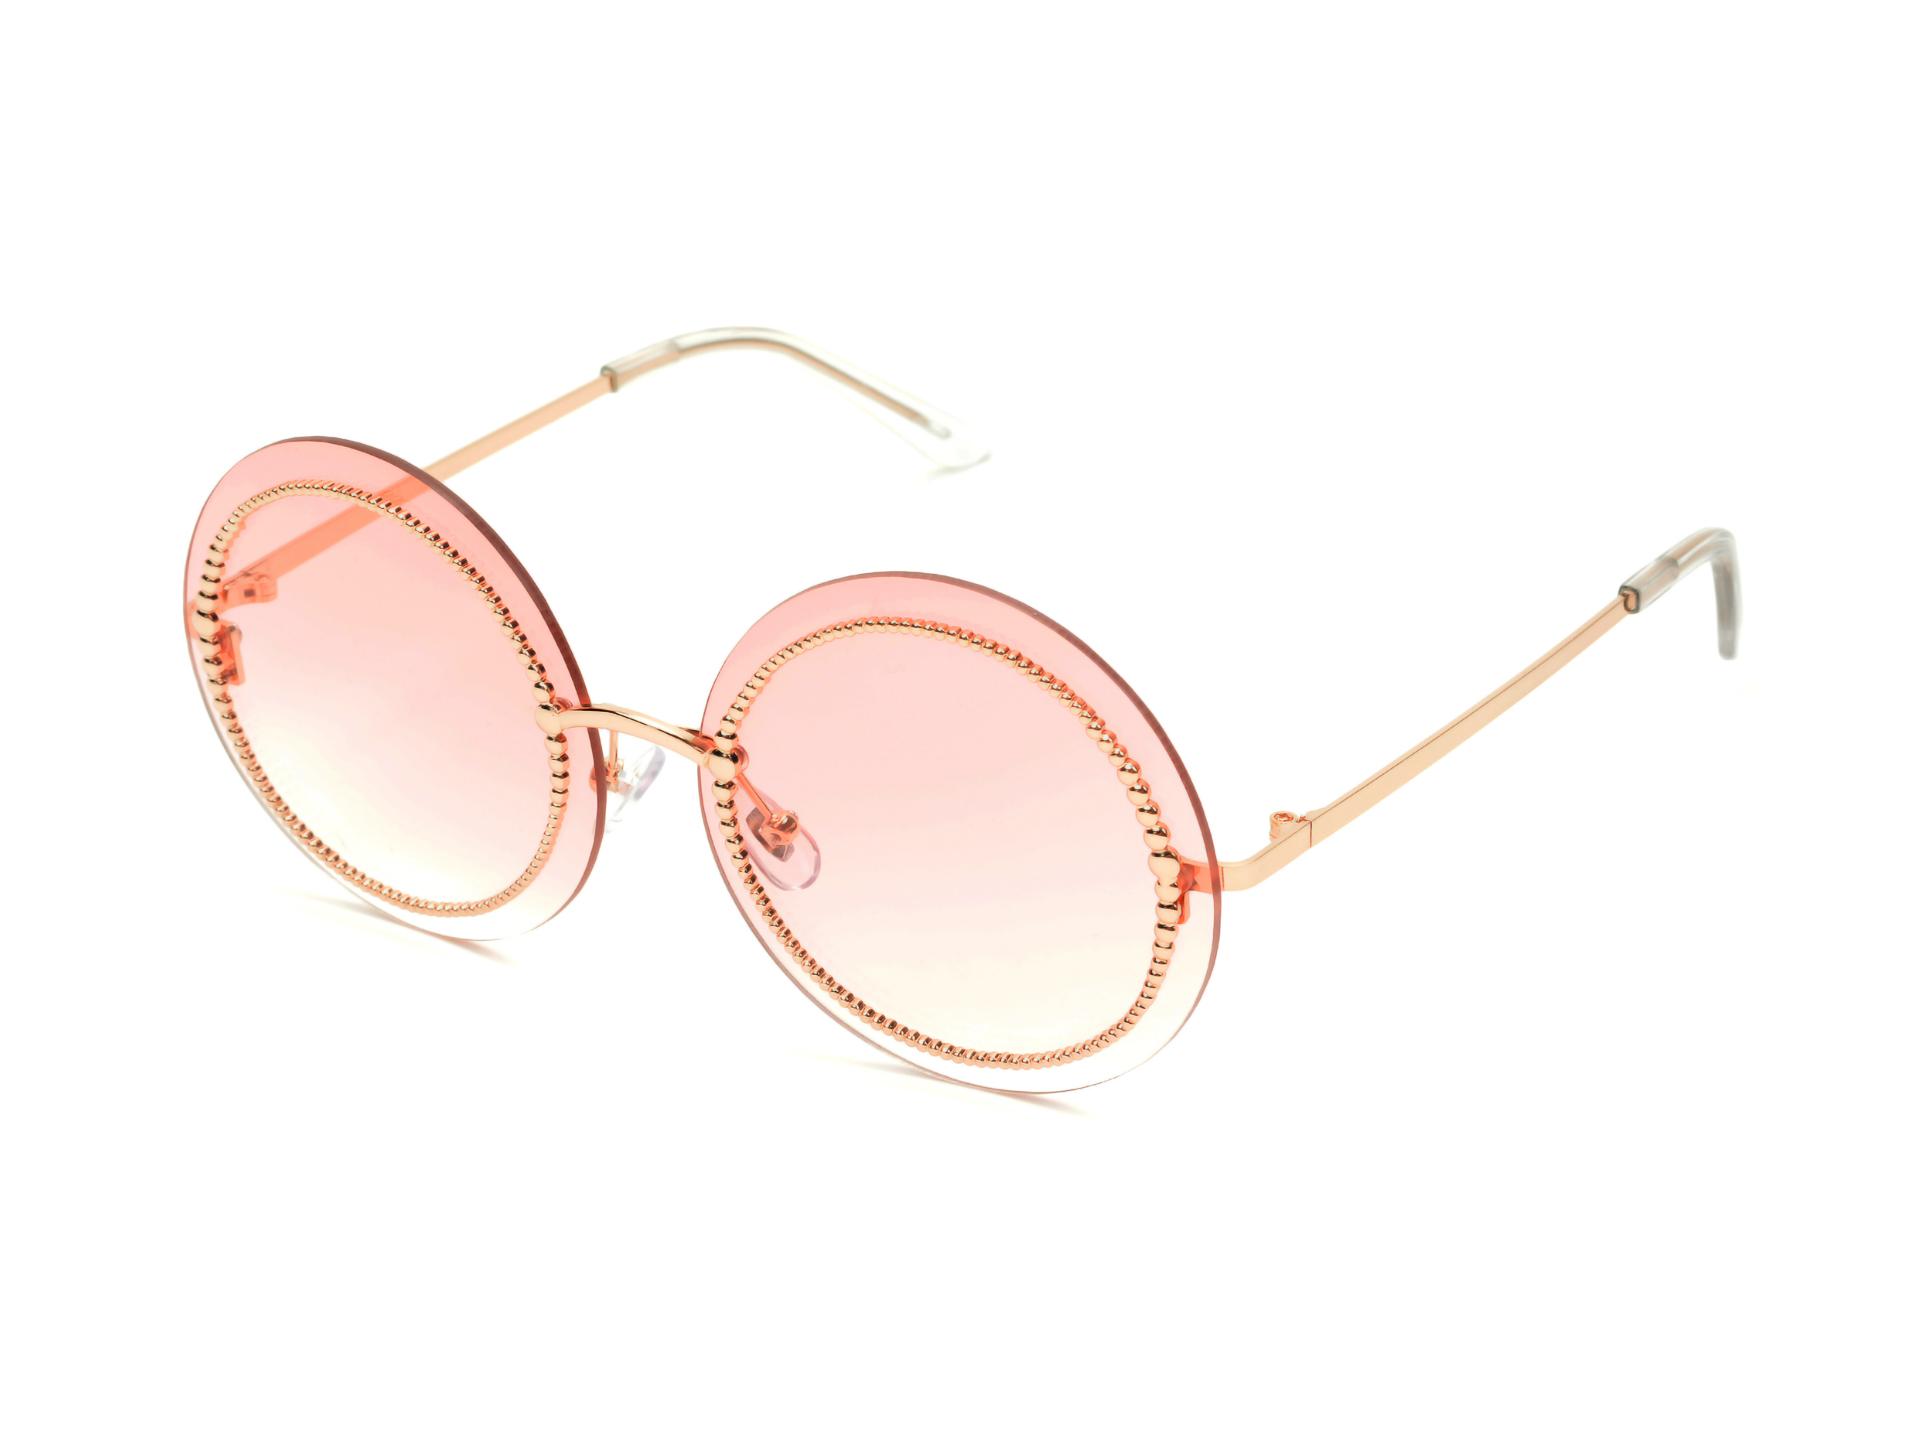 Ochelari de soare ALDO roz, Kalara653, din PVC imagine